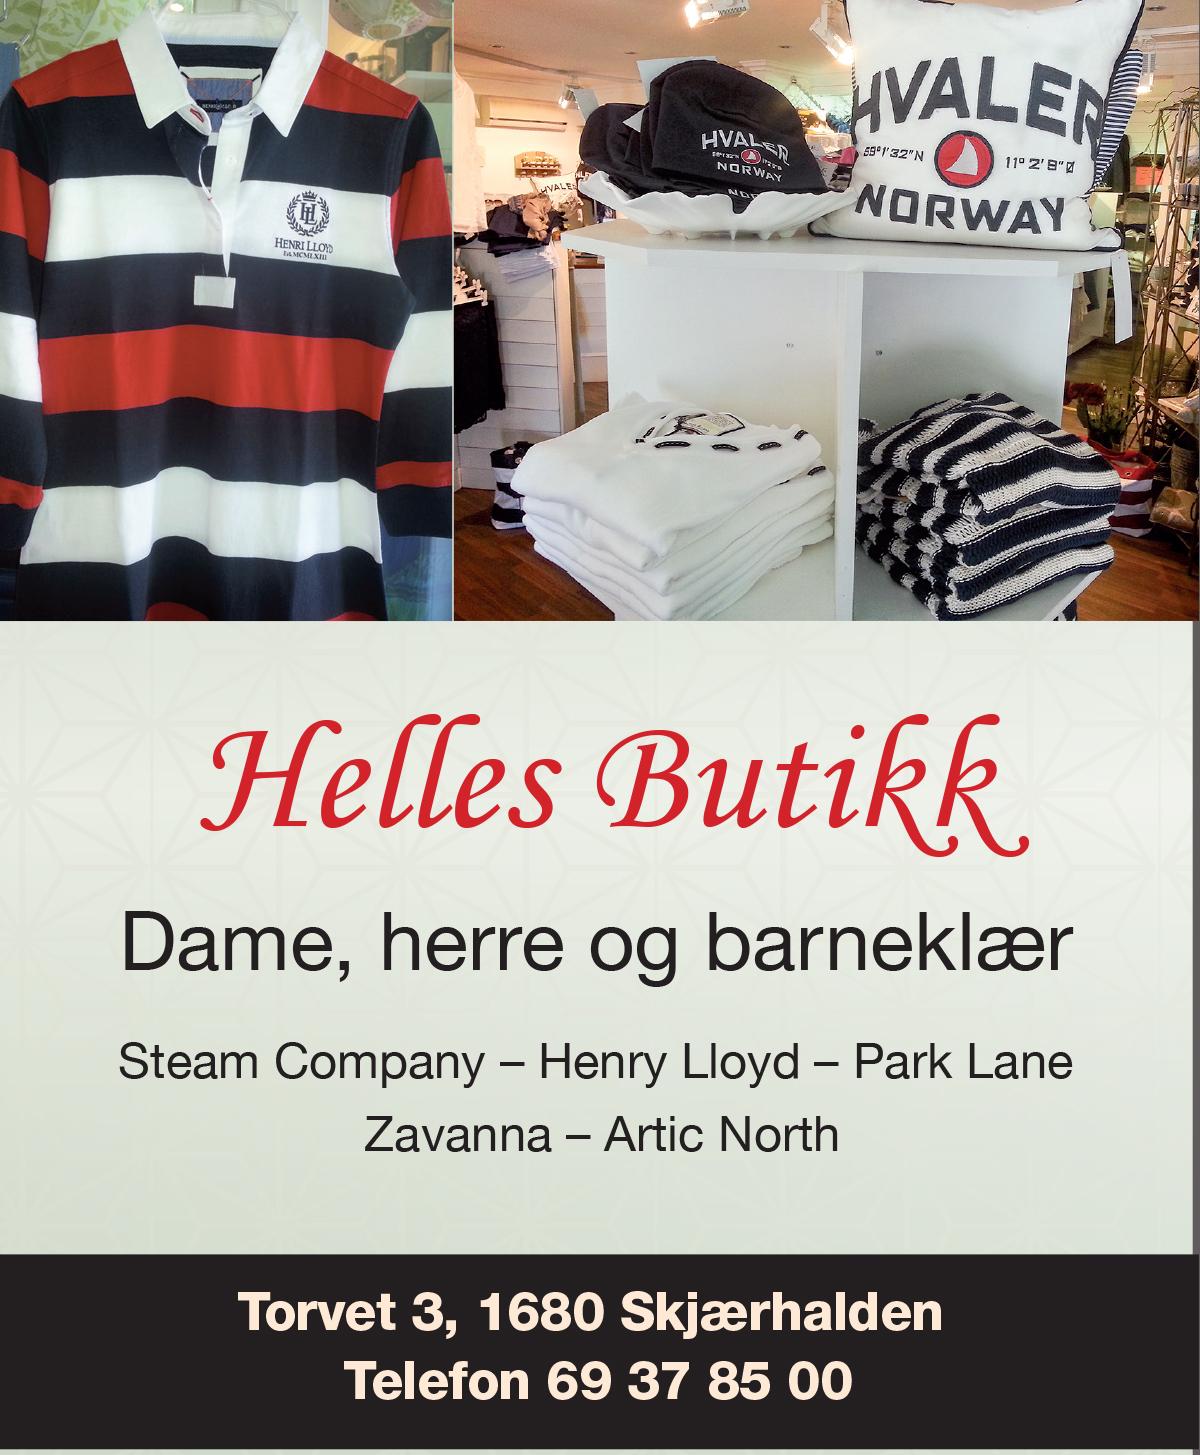 Helles Butikk Skjærhalden Hvaler